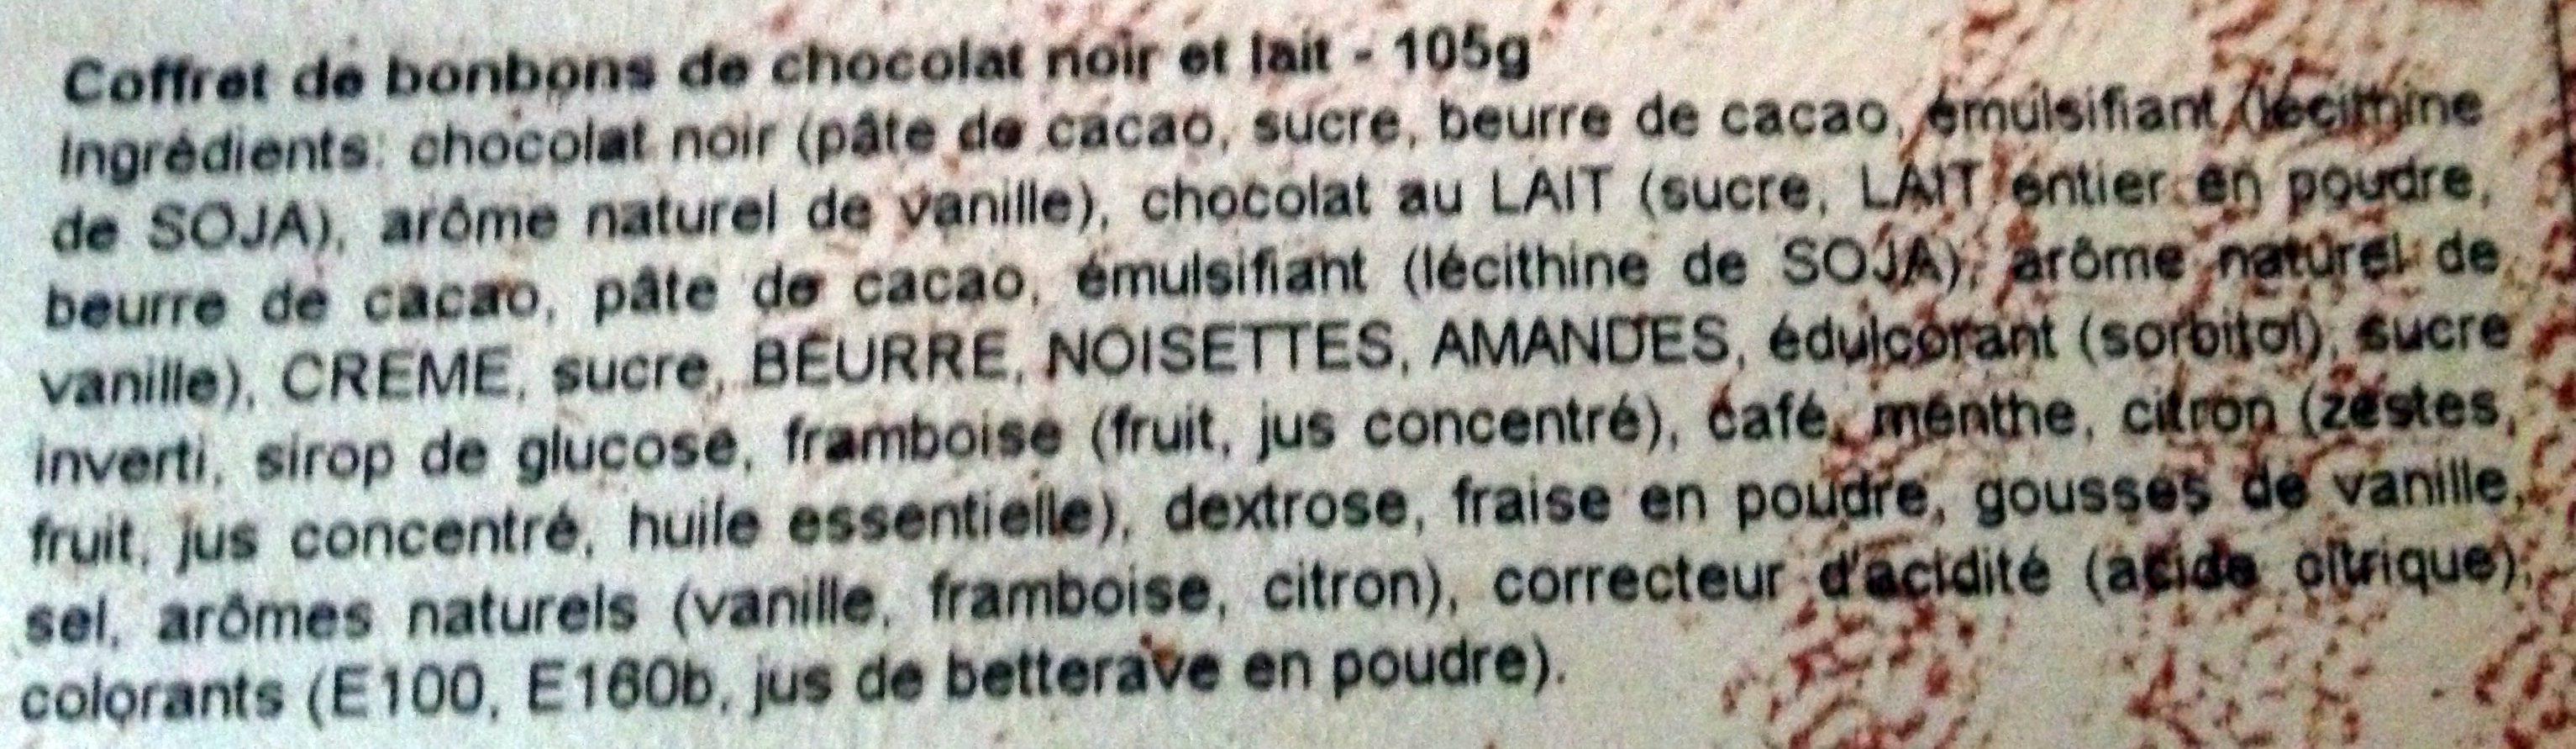 Coffret Maison Noir et Lait - Ingrediënten - fr